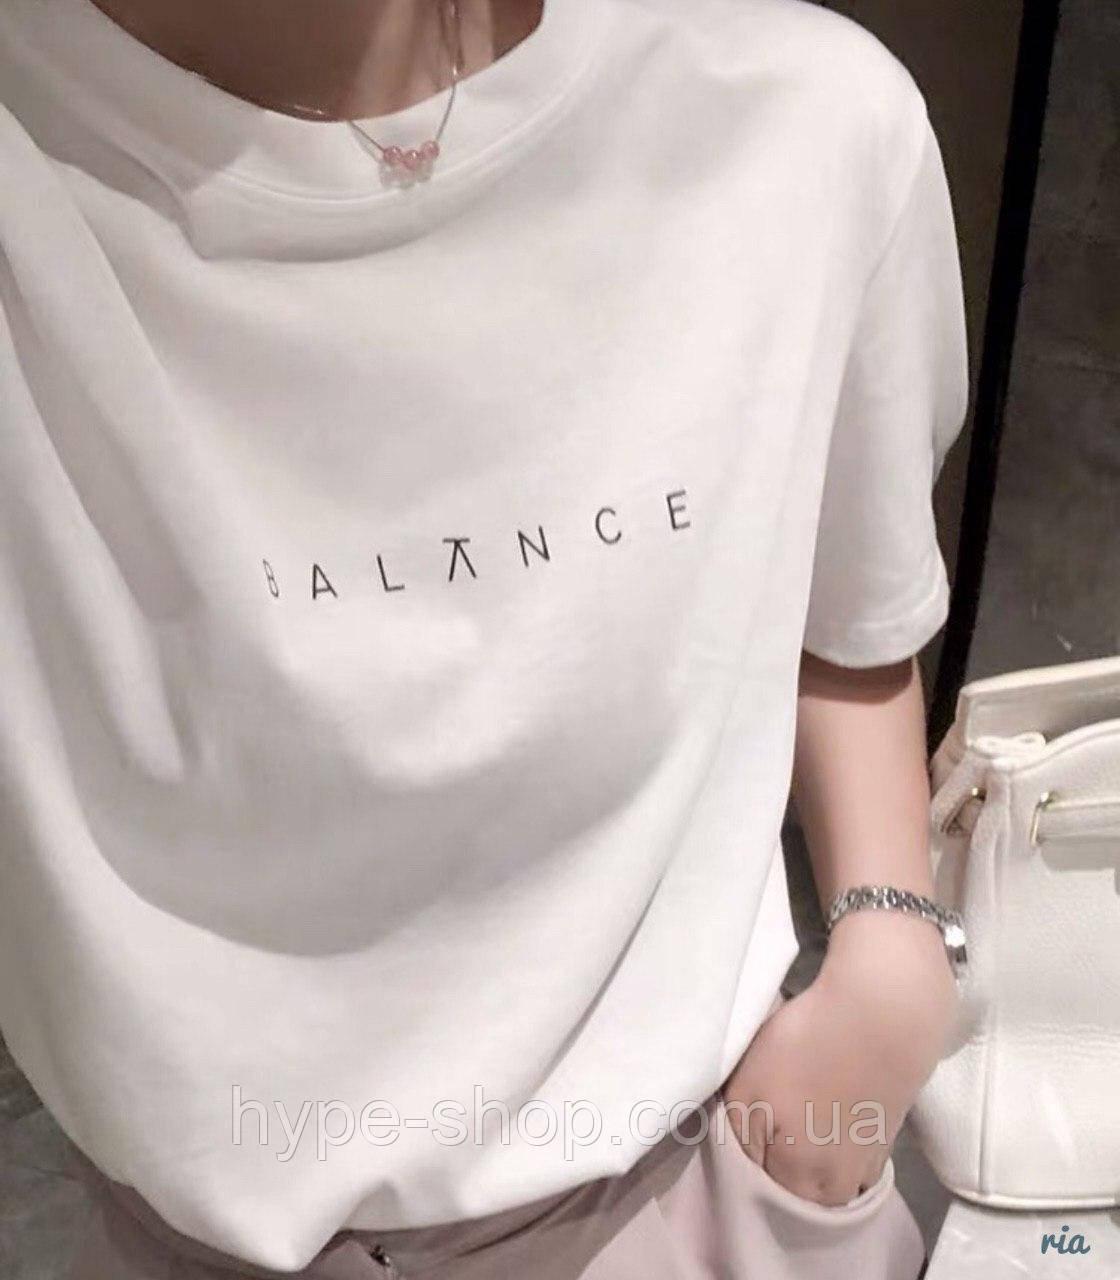 Женская футболка balance